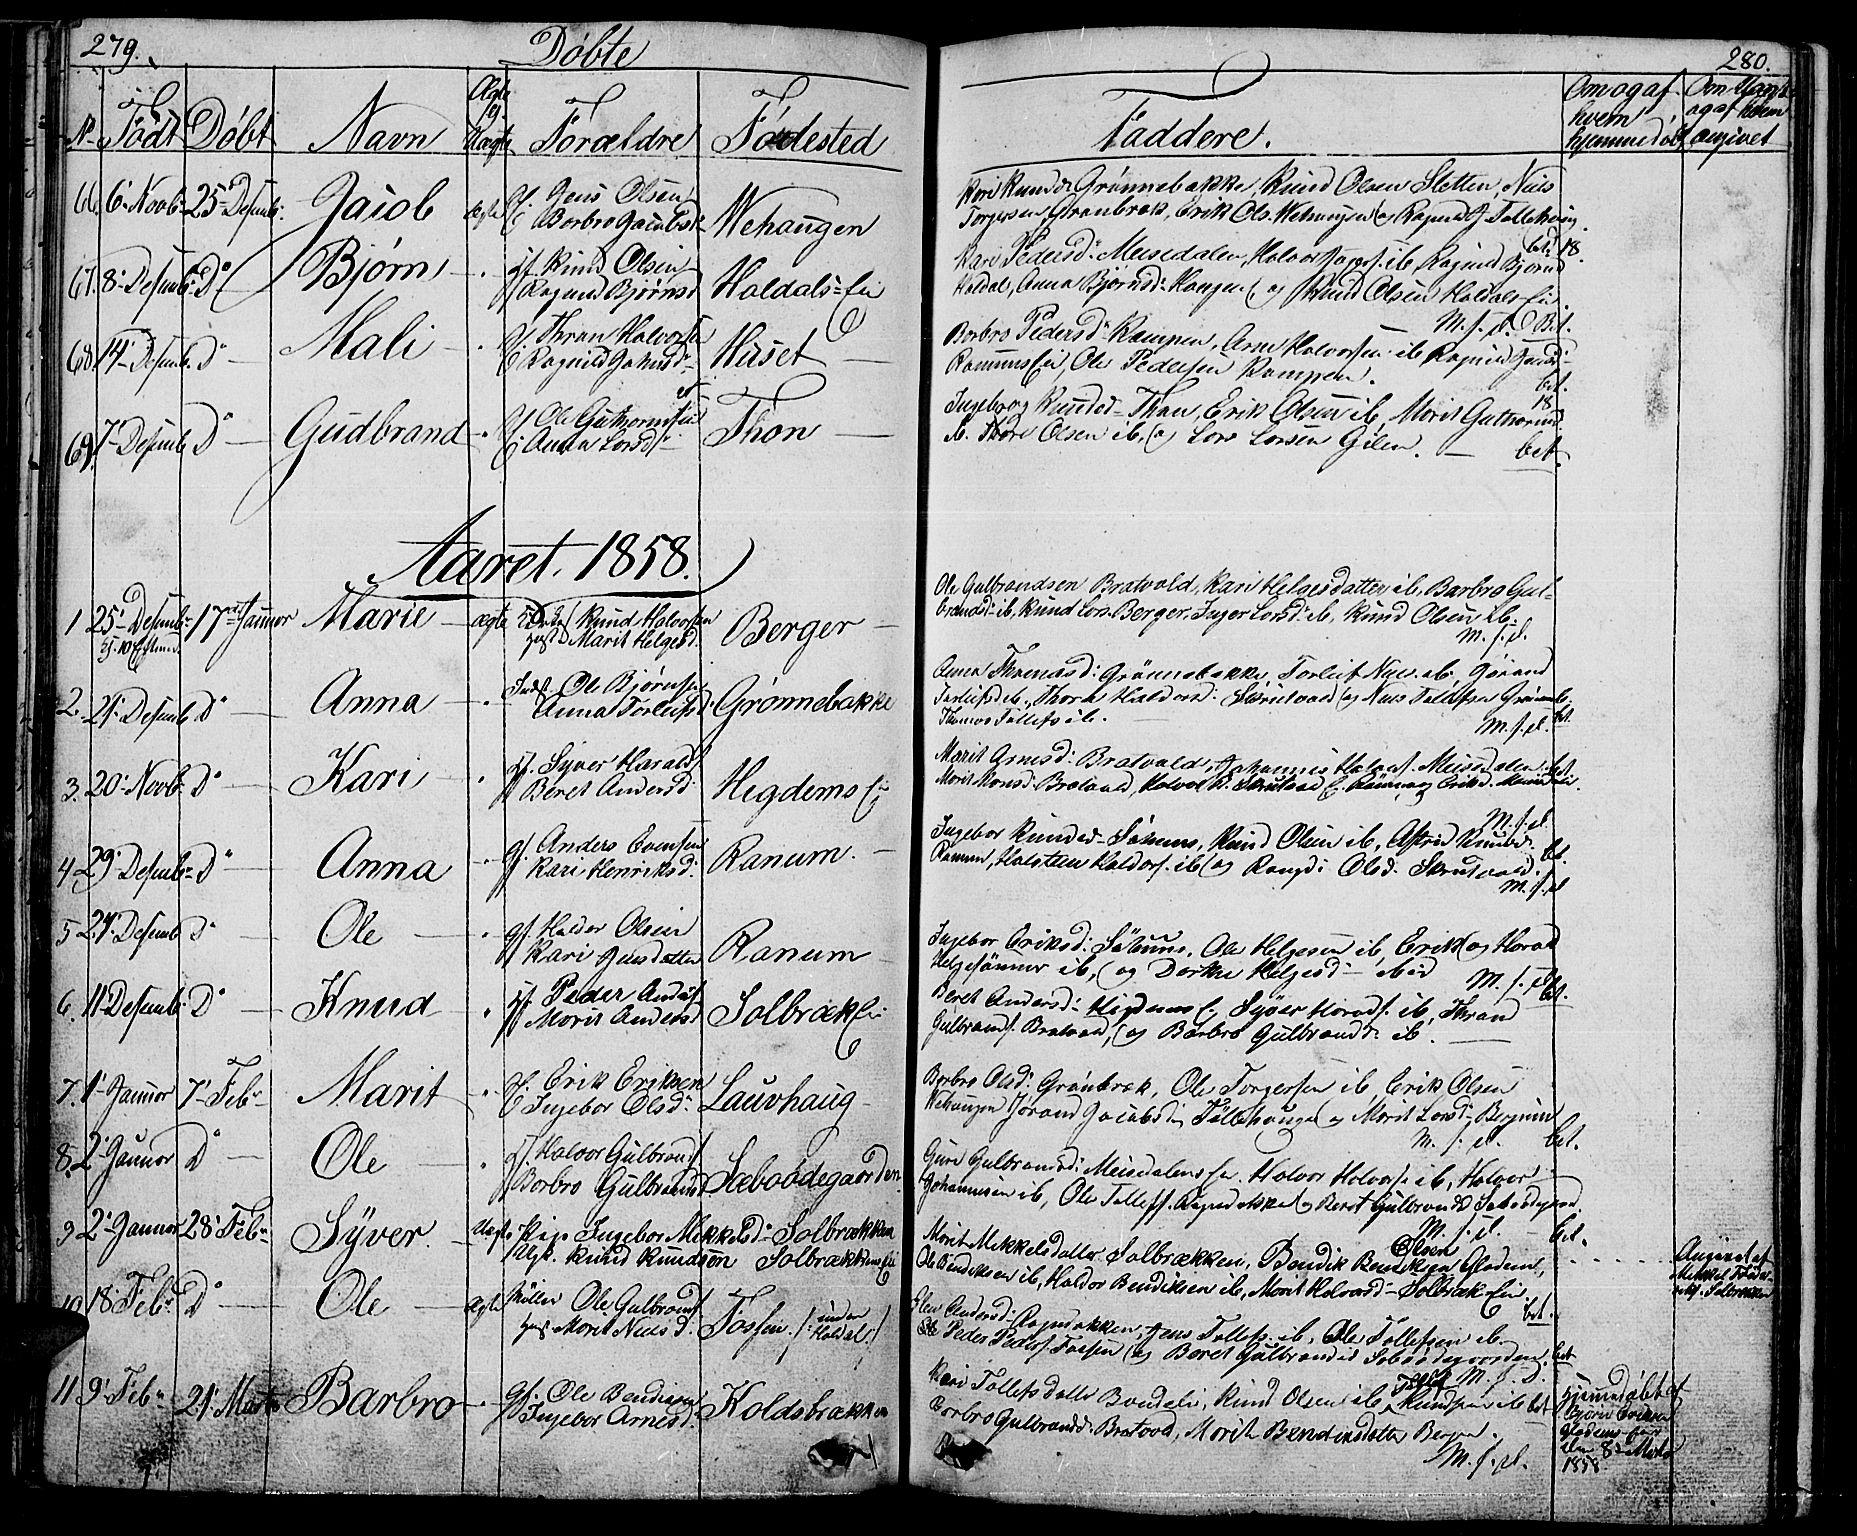 SAH, Nord-Aurdal prestekontor, Klokkerbok nr. 1, 1834-1887, s. 279-280